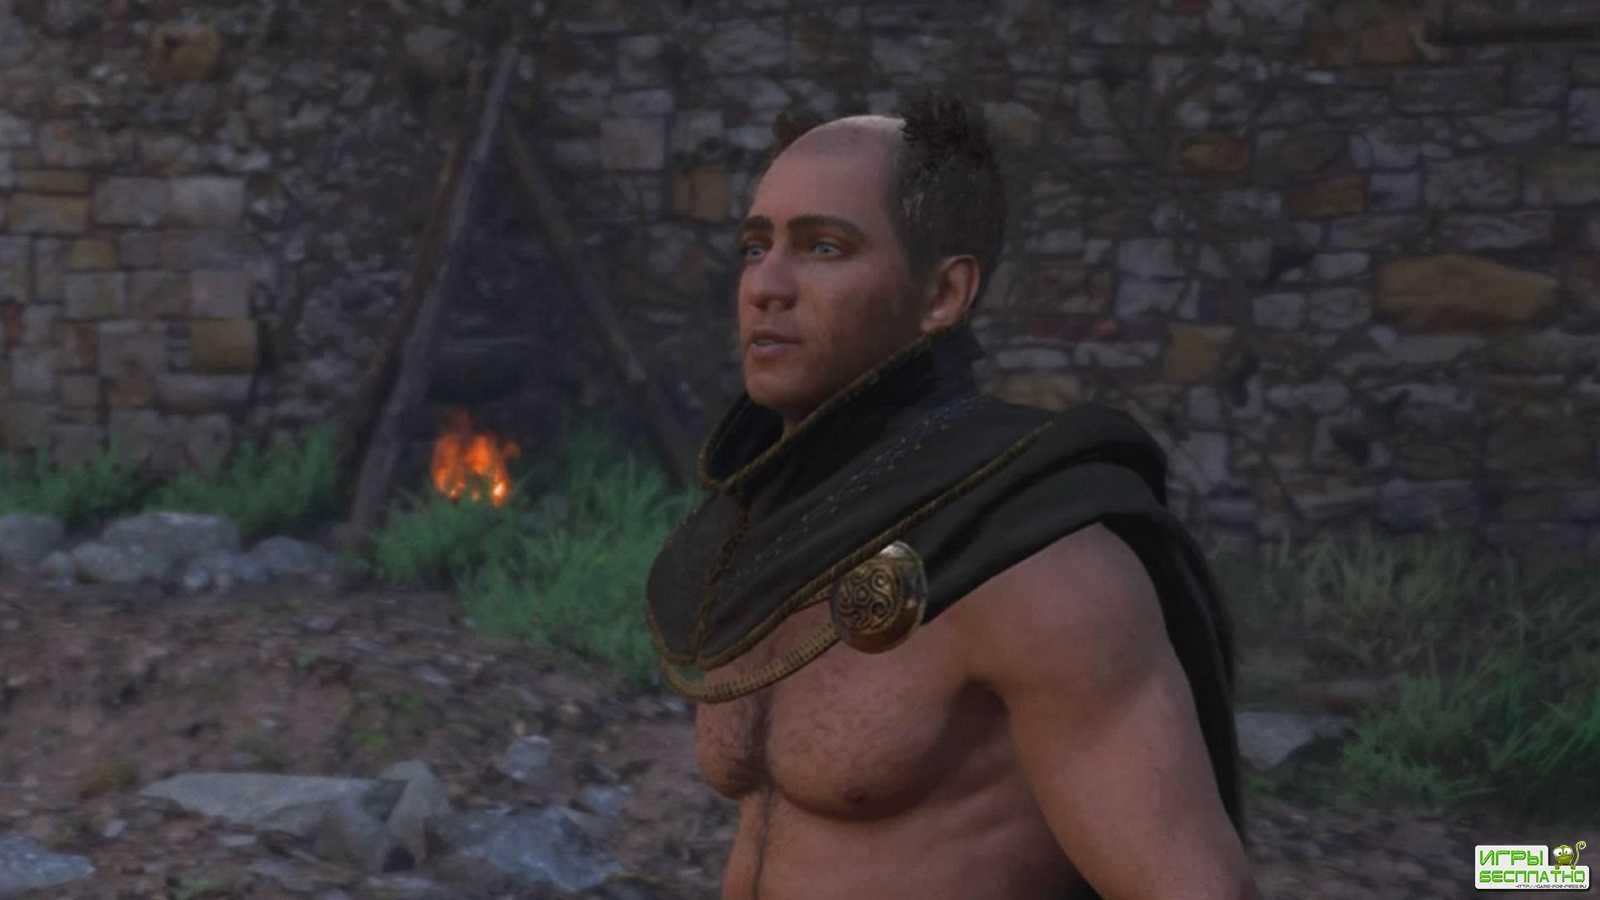 В Assassin's Creed Valhalla нашли отсылку к вокалисту группы The Prodigy